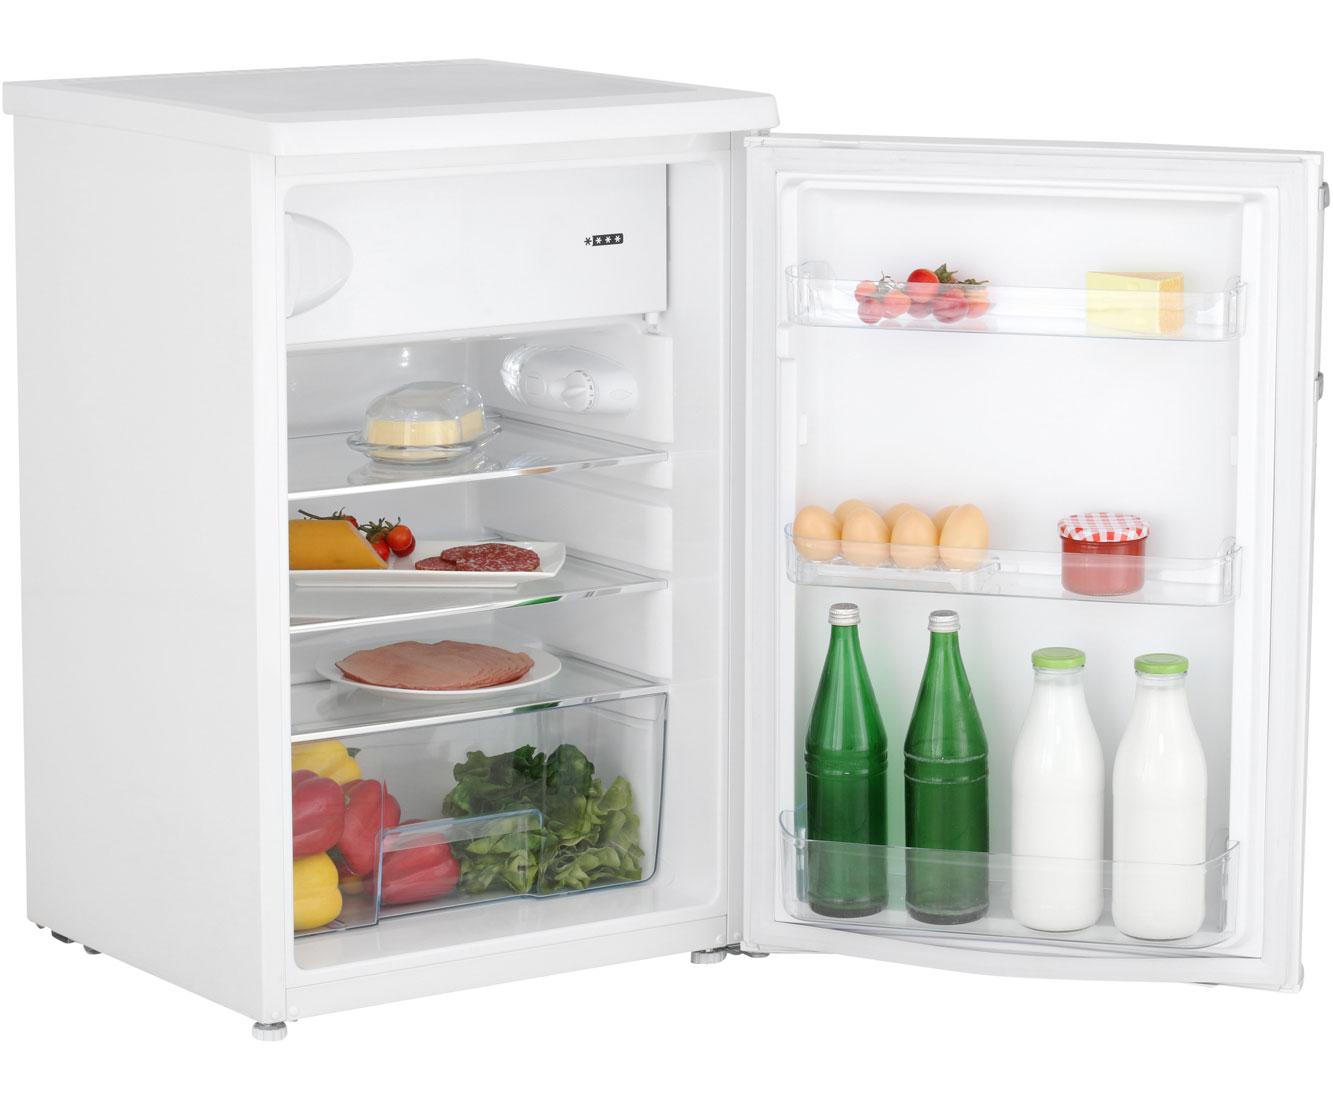 Kleiner Kühlschrank Einbau : Kleiner leiser kühlschrank kundenbewertungen amica uks